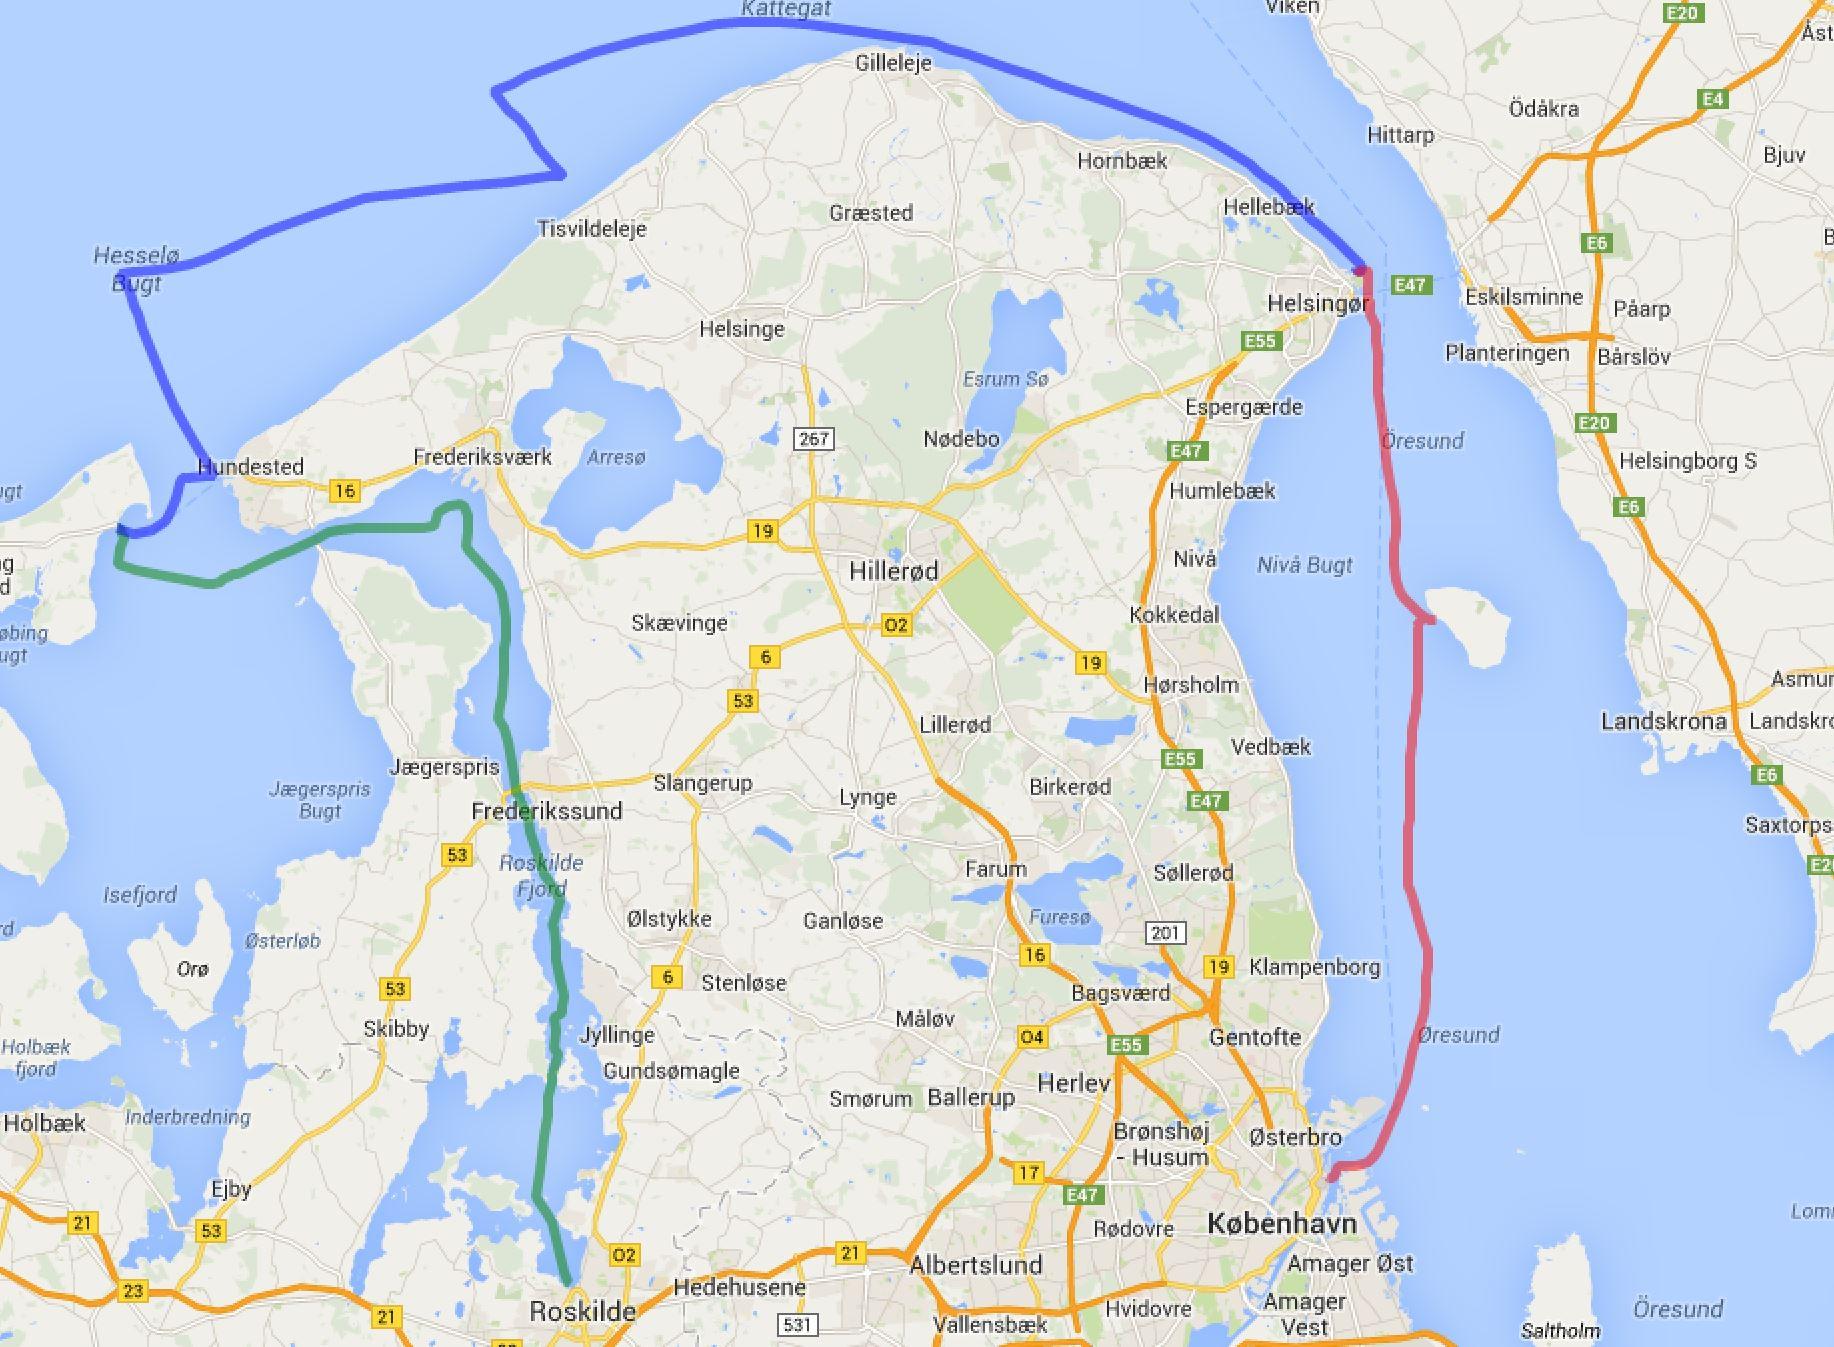 Roskilde - Kopenhagen